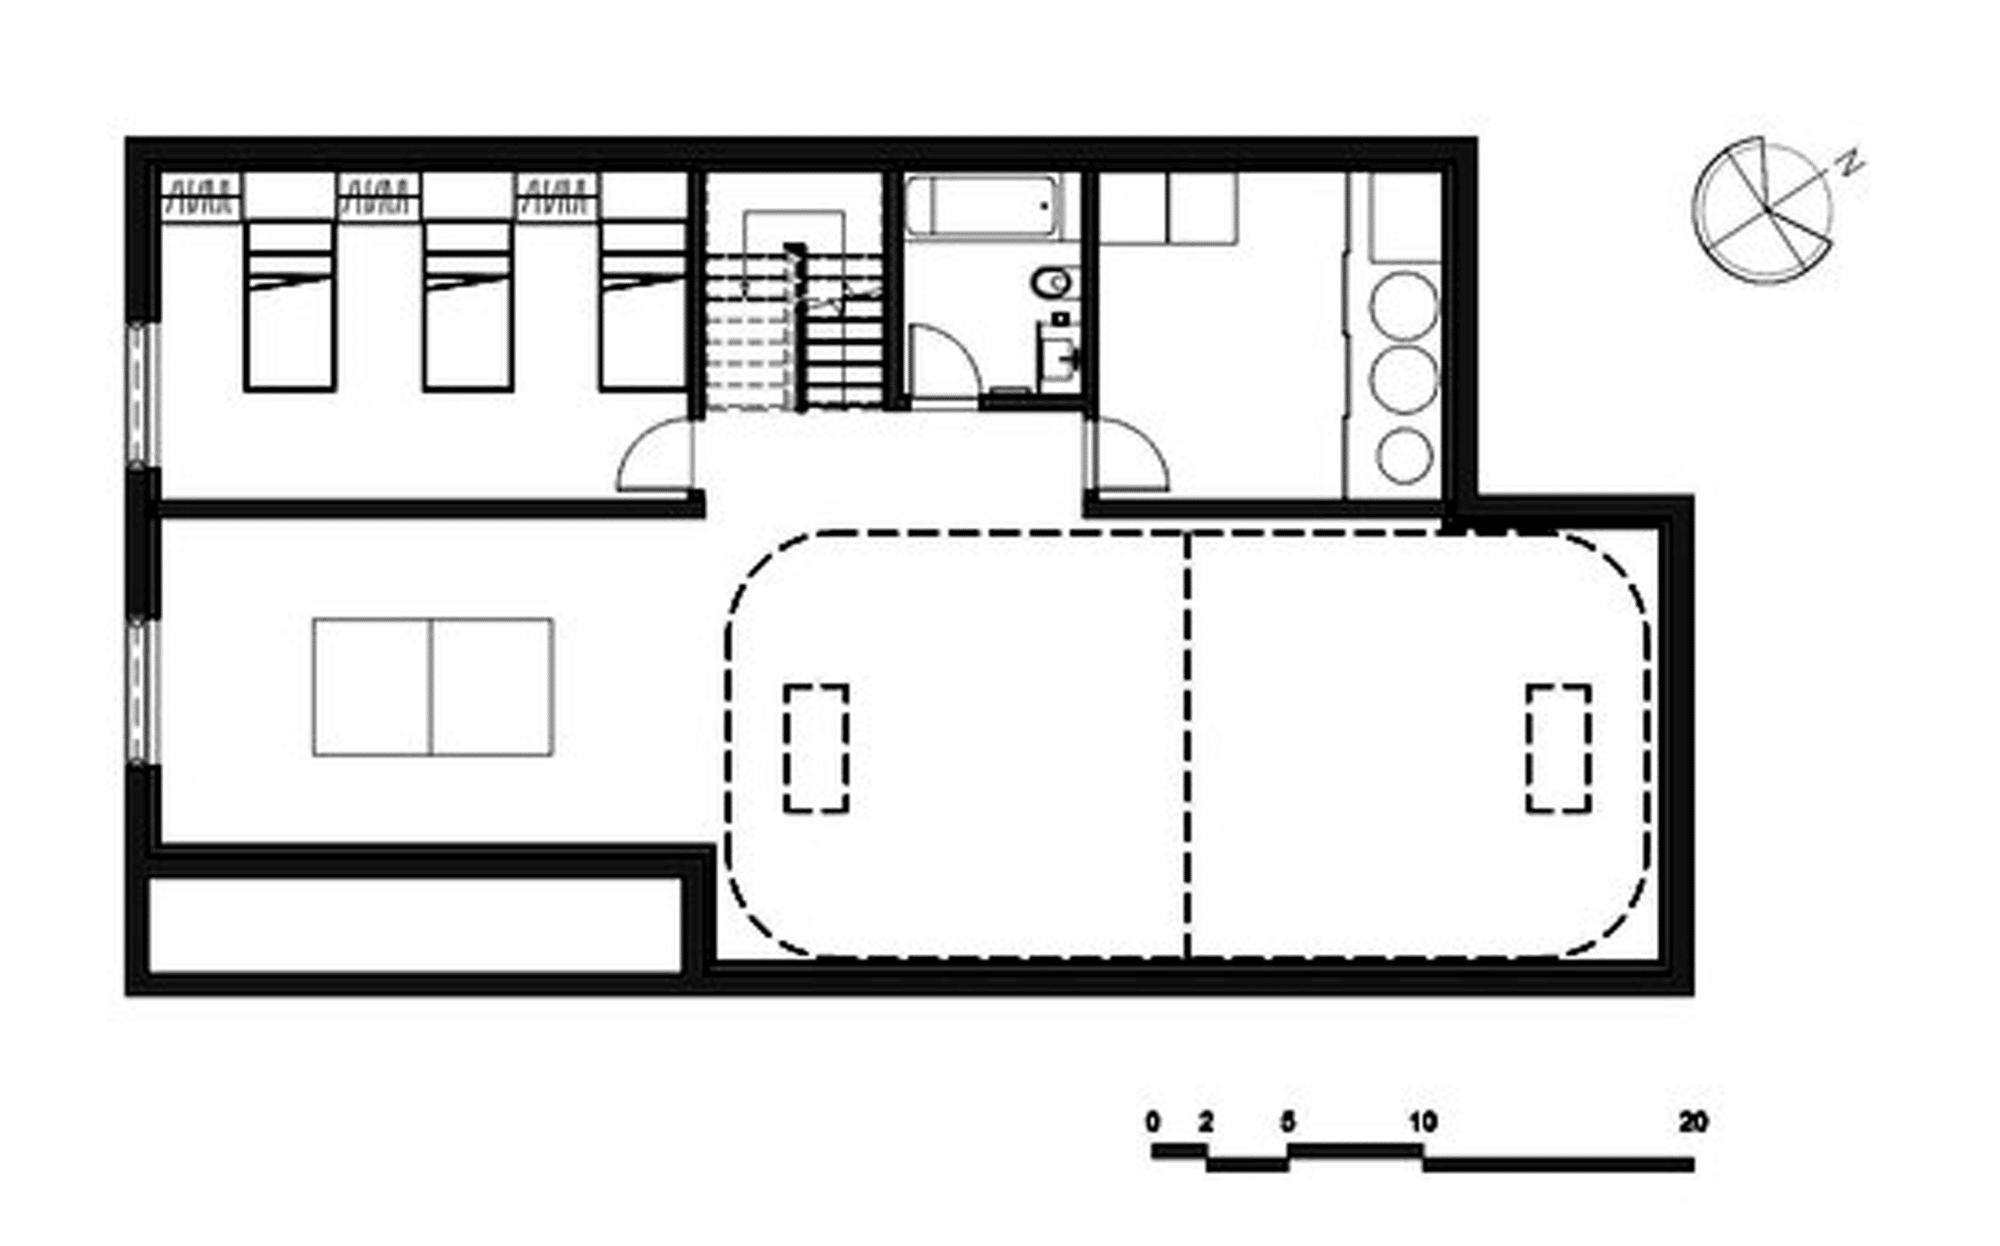 Dise o de casa moderna de dos pisos m s s tano planos - Diseno de planos de casas ...